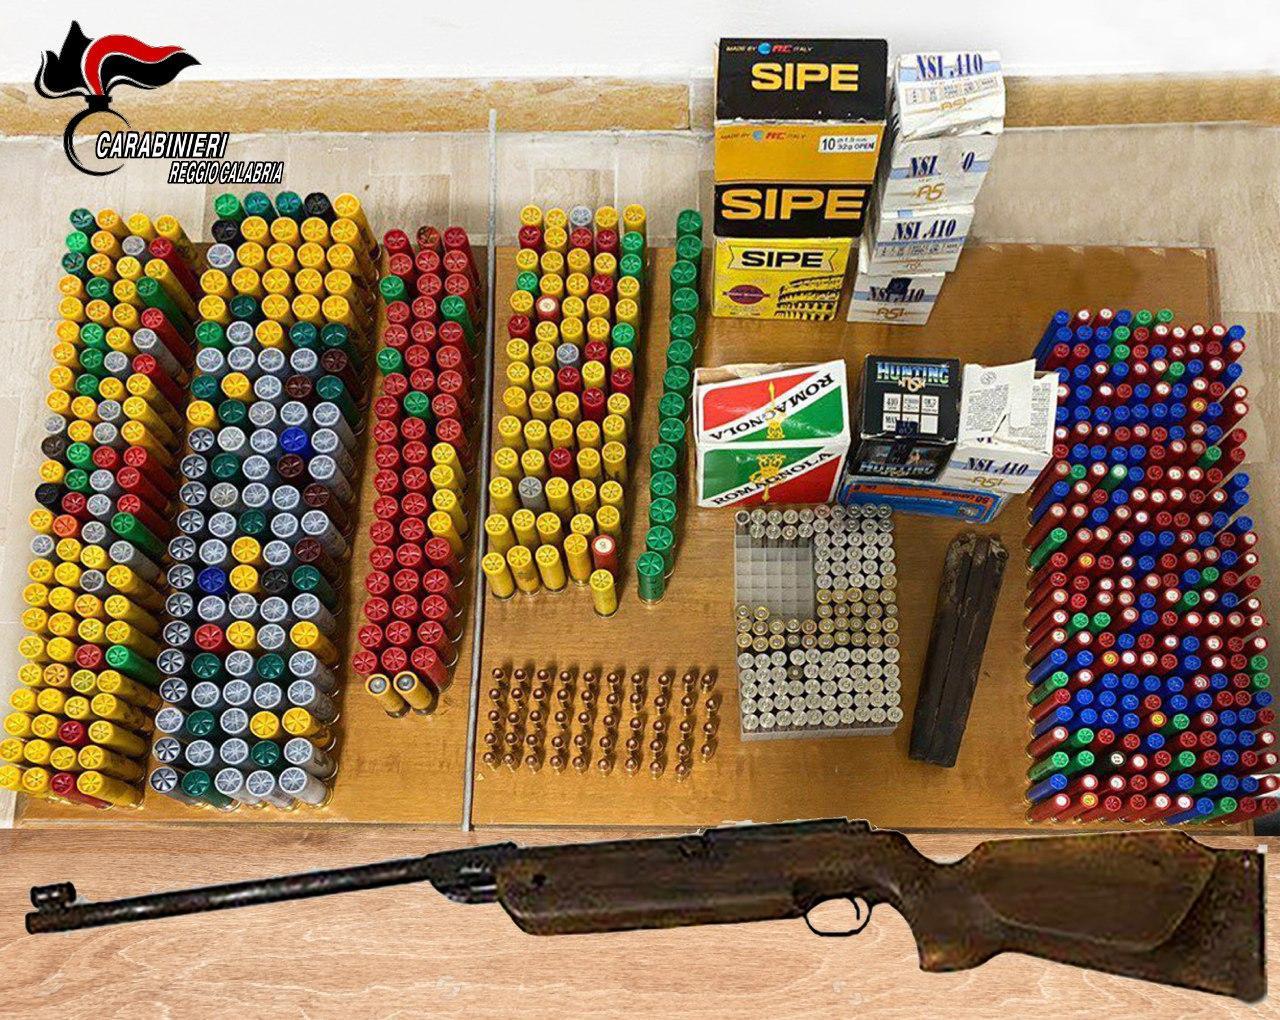 Caulonia marina, trovato deposito di munizioni in un casolare abbandonato